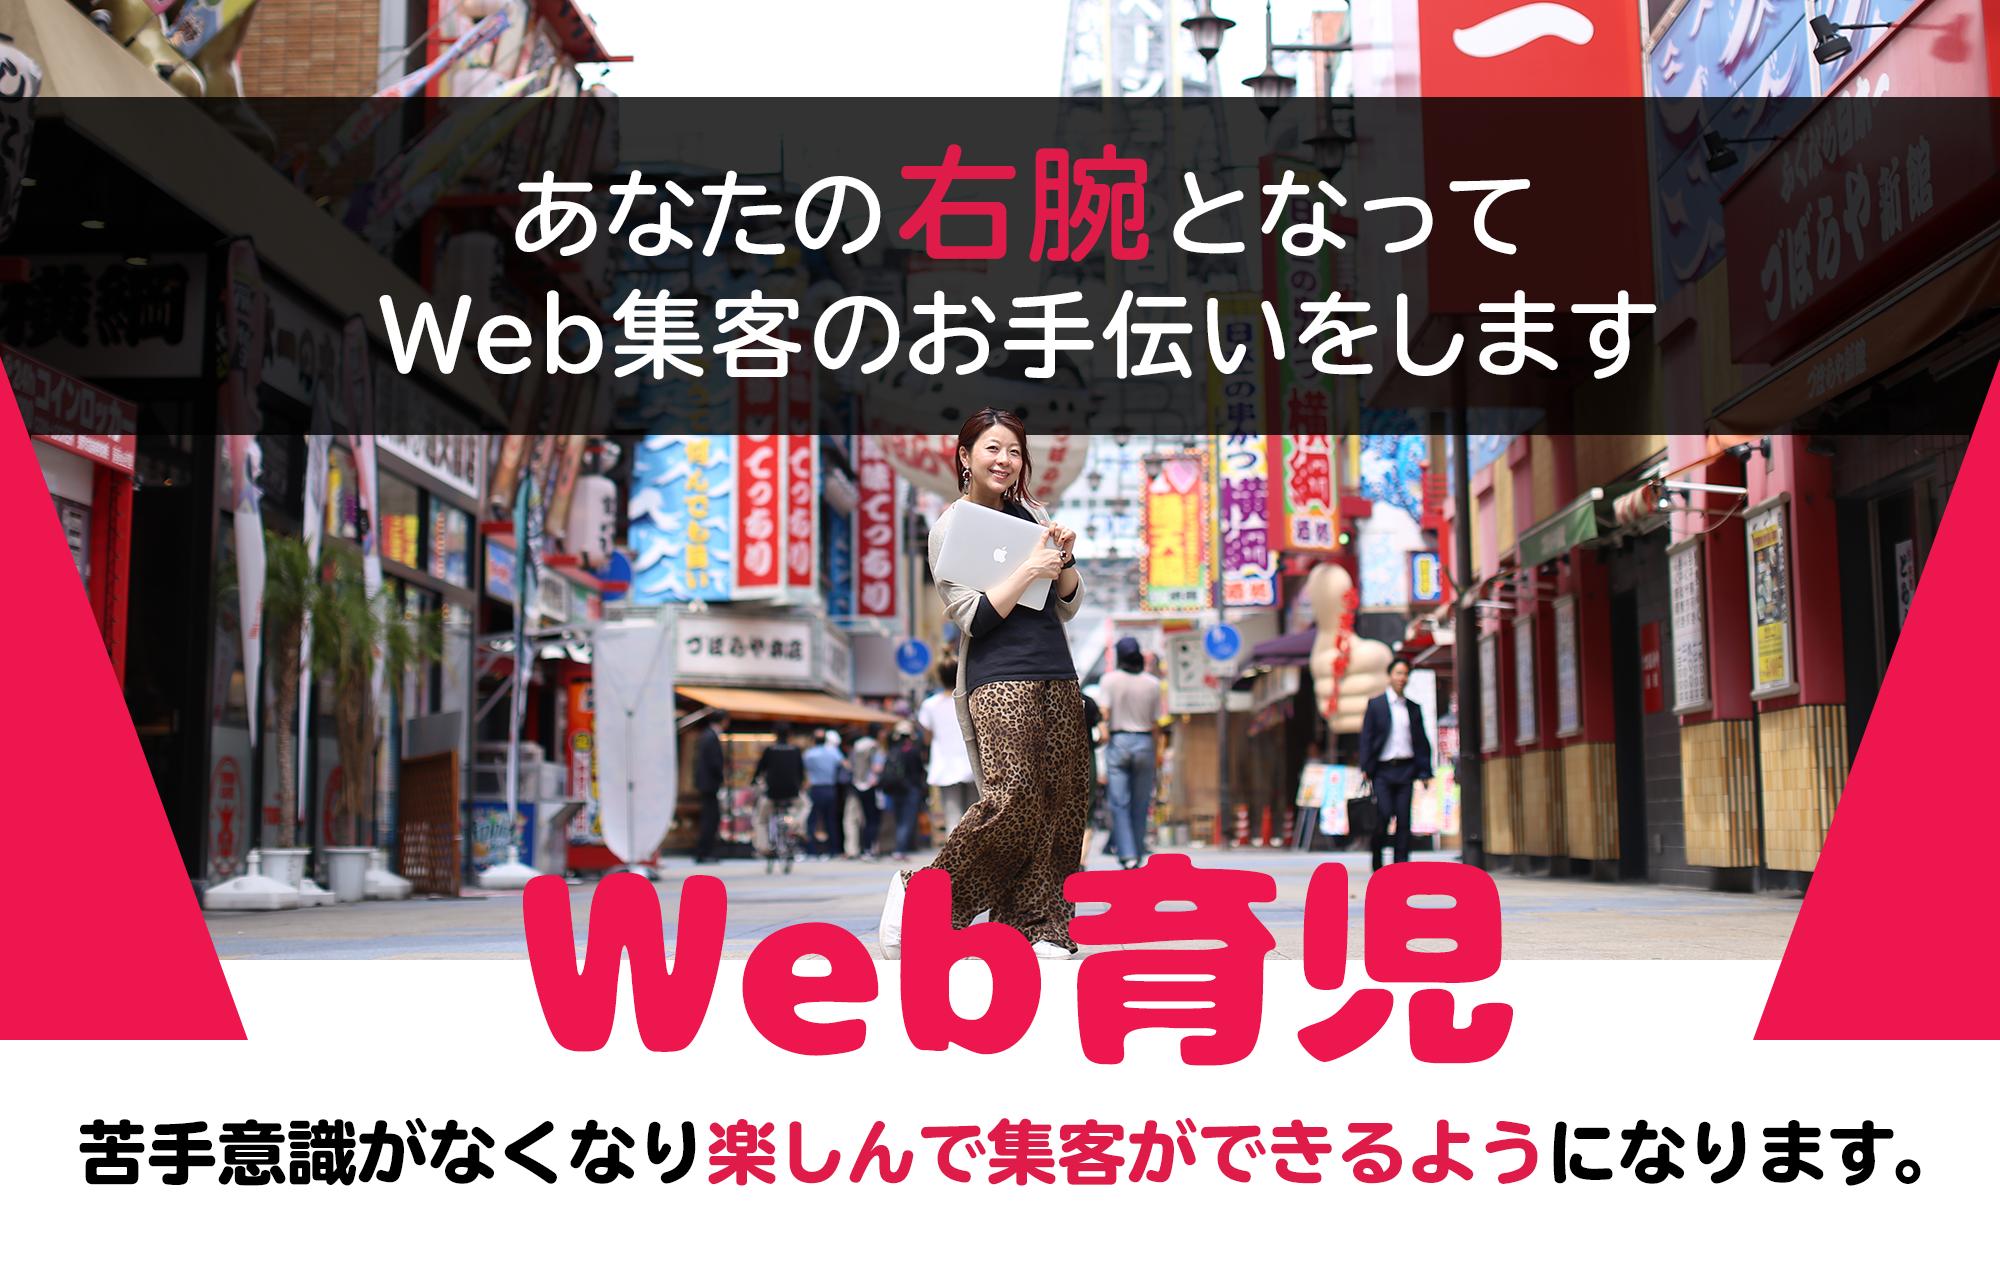 ひとり起業家のためのWeb集客サポート Web育児の詳細